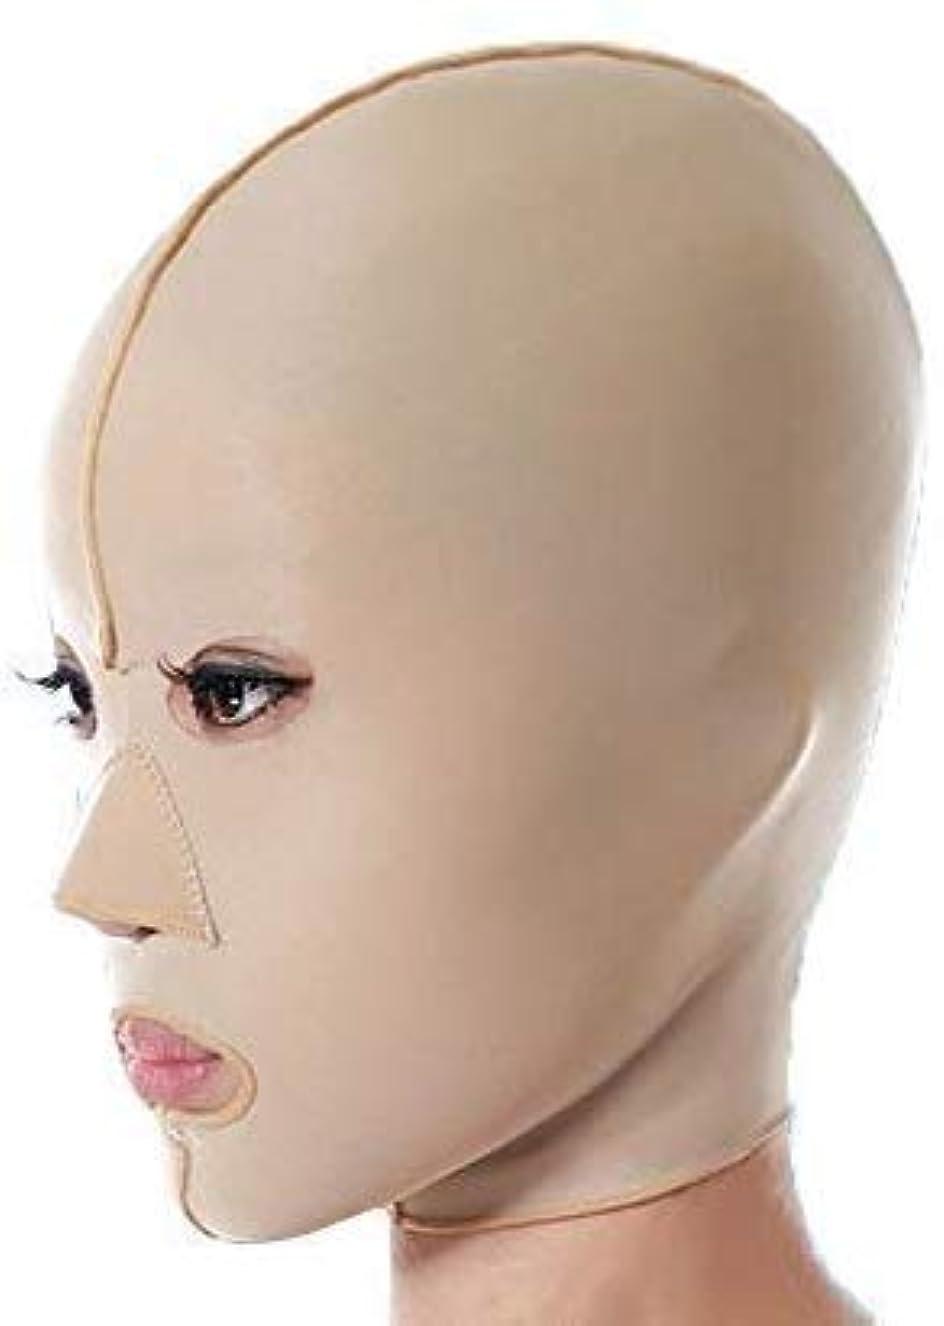 九月さようならコミュニティ美容と実用的なファーミングフェイスマスク、フェイシャルマスク医学強力なフェイスマスクアーティファクト美容抗たるみ法パターン顔リフティングファーミングフルフェイスマスク(サイズ:M)